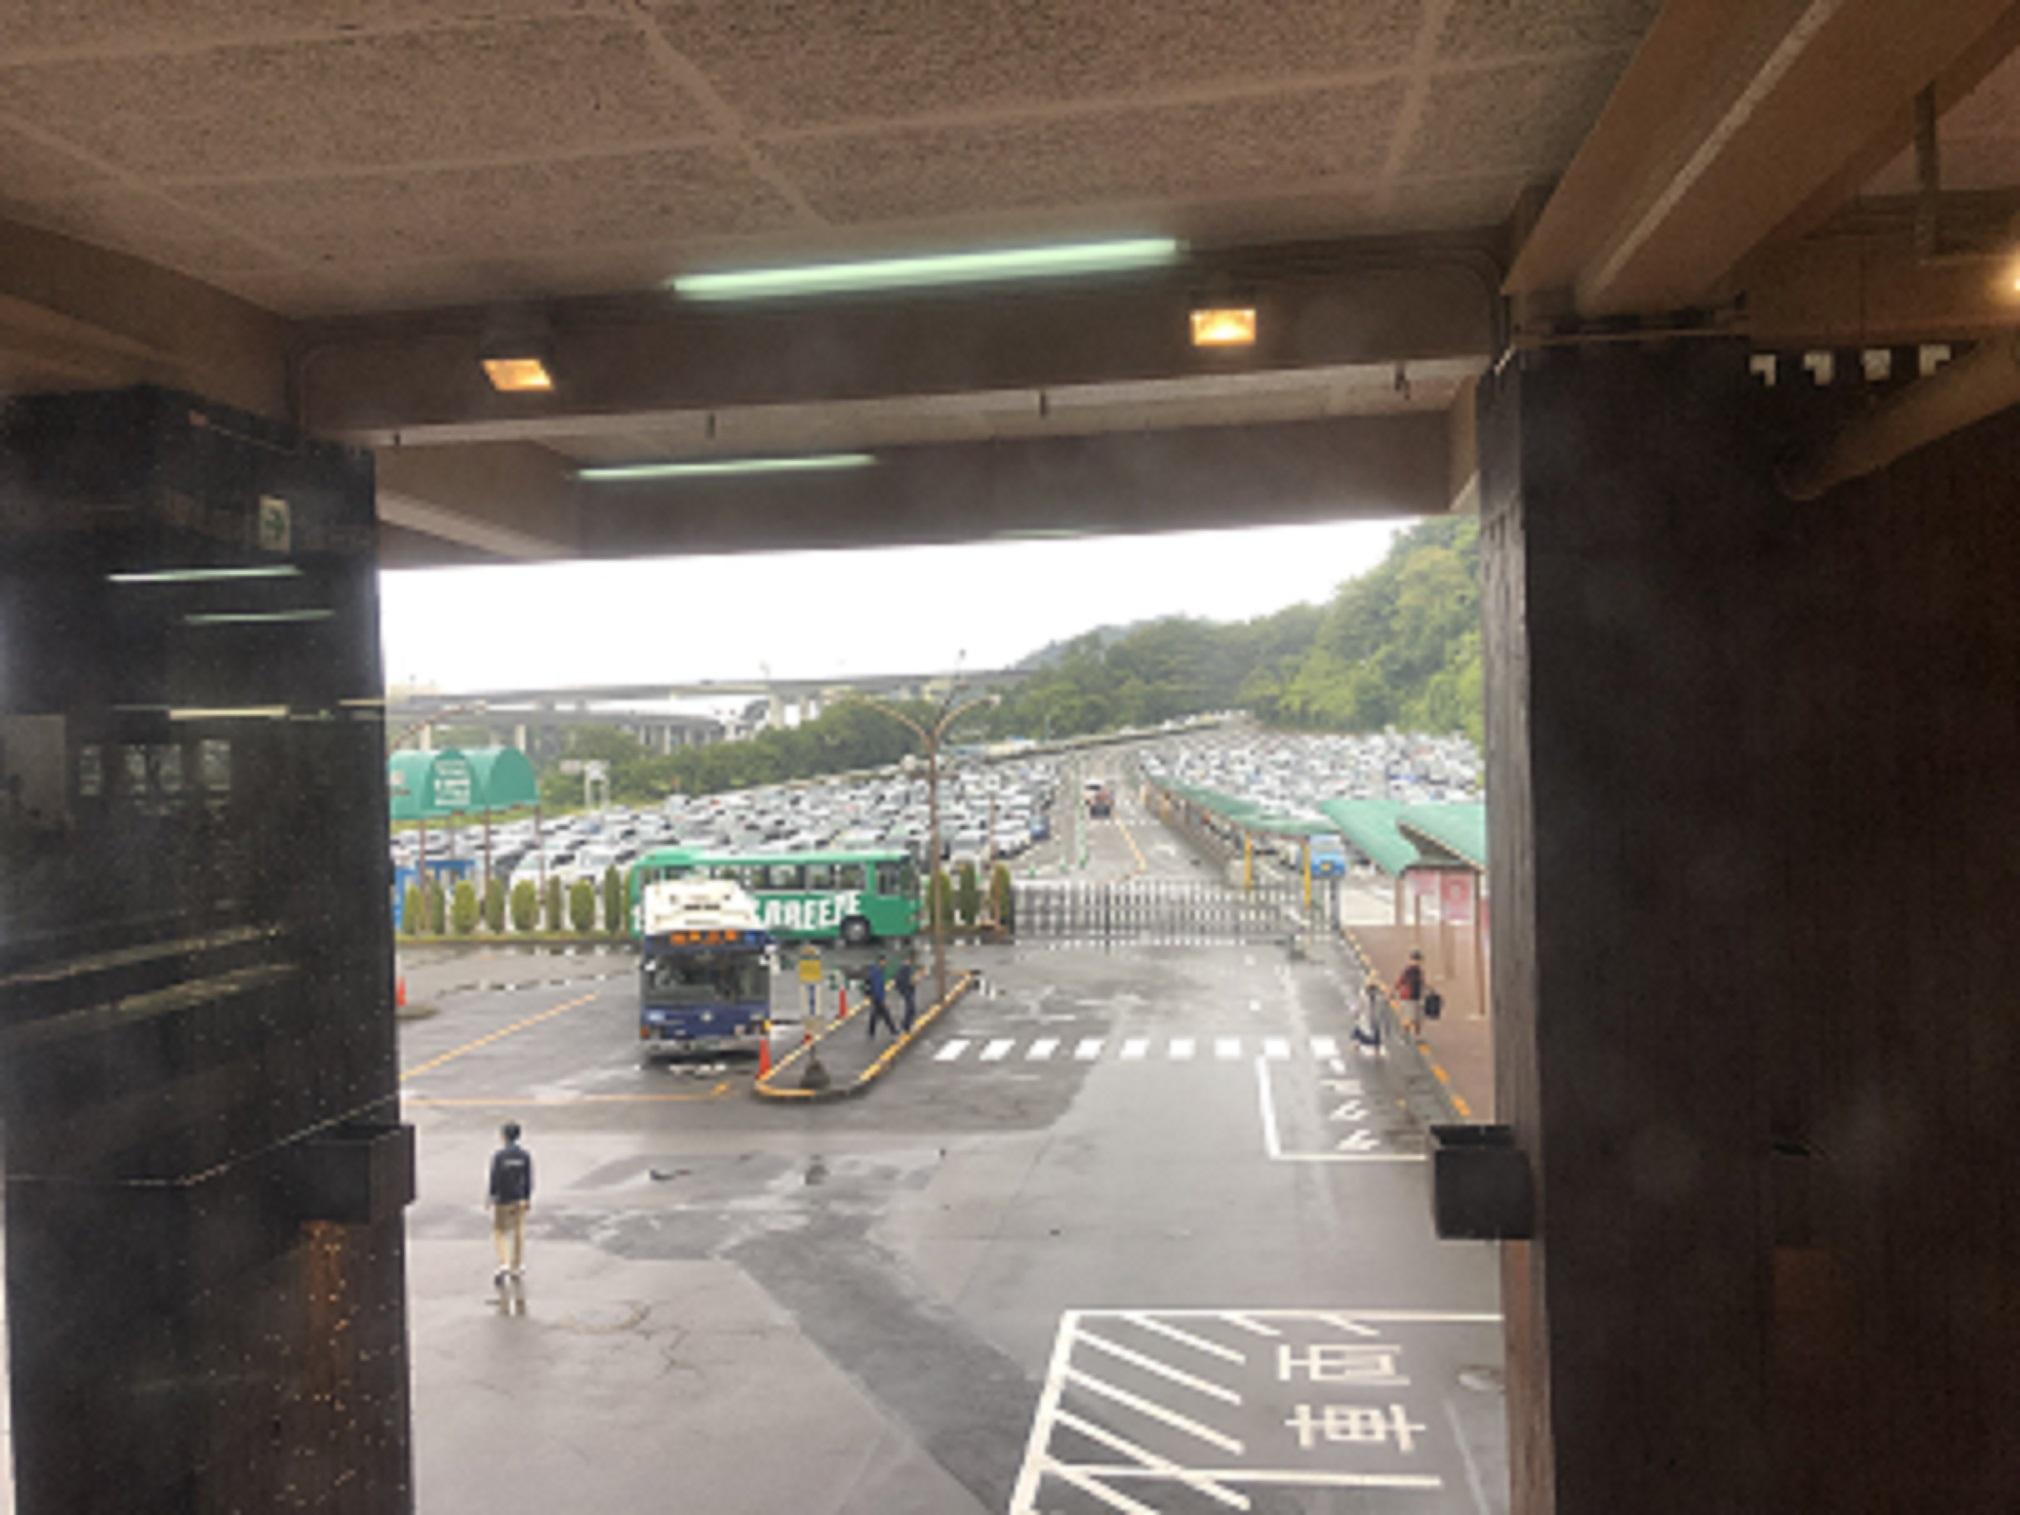 サマーランドの駐車場の混雑11時20分